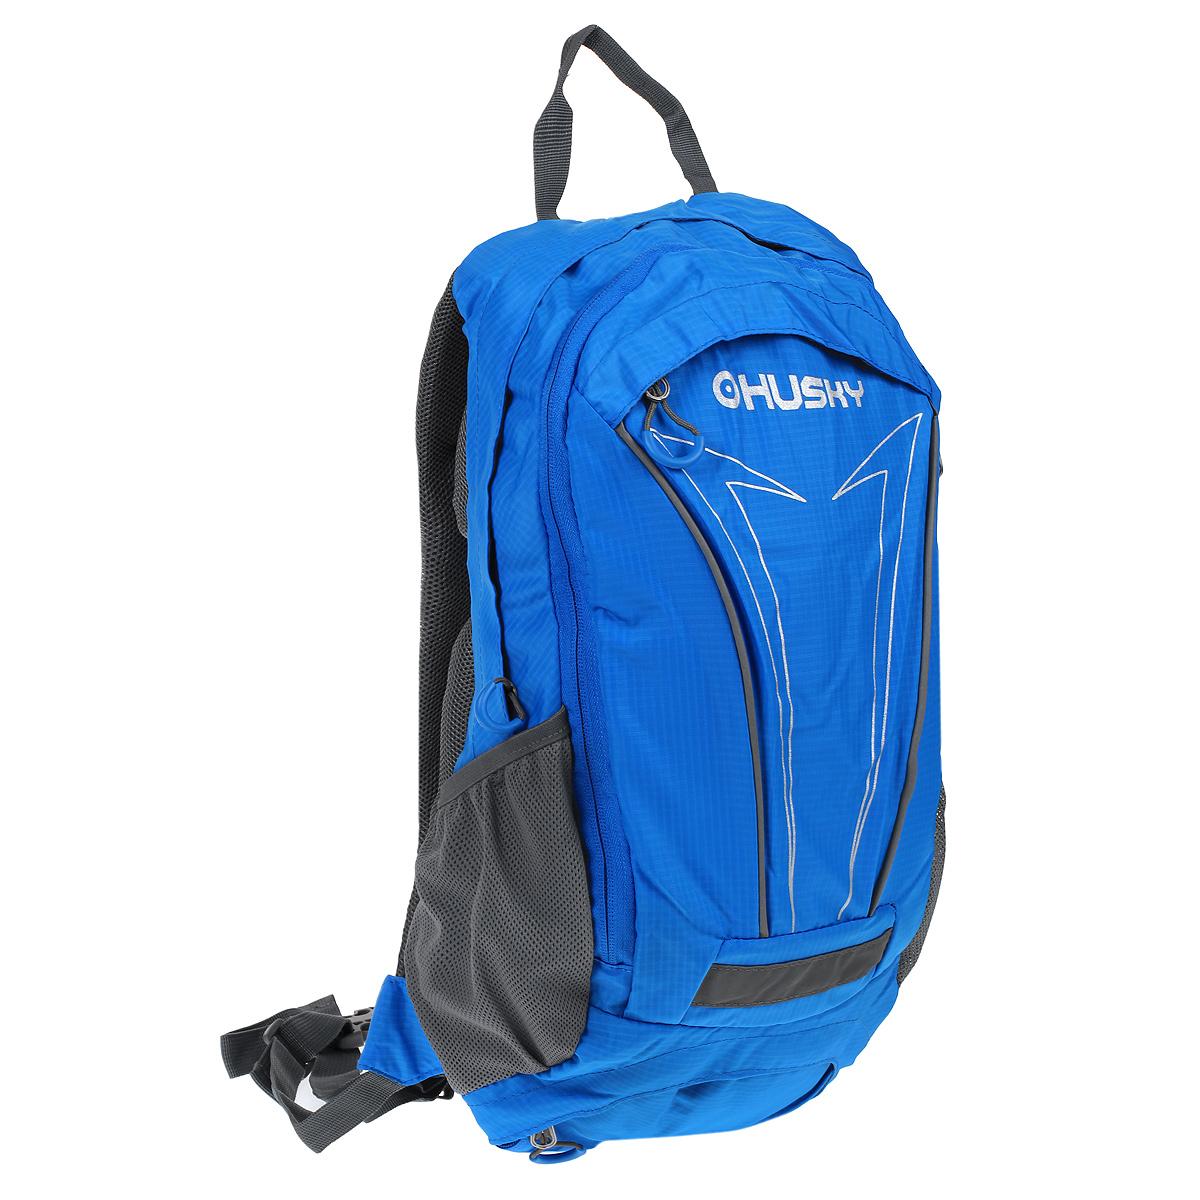 Рюкзак городской Husky Balot 12, цвет: синийMABLSEH10001Универсальный рюкзак Balot подойдет не только для городского ритма жизни, но и еще и для велосипедных прогулок. Сдержанный (почти, однотонный) дизайн, найдет своих сторонников и среди тех, кто любит классические окраски, и среди поклонников яркого дизайна.Особенности:-водонепроницаемая ткань,-система вентиляции спины AMS, -внутренний органайзер,-место для питьевой системы, -накидка от дождя,-боковые карманы-сетки, -светоотражающие элементы.